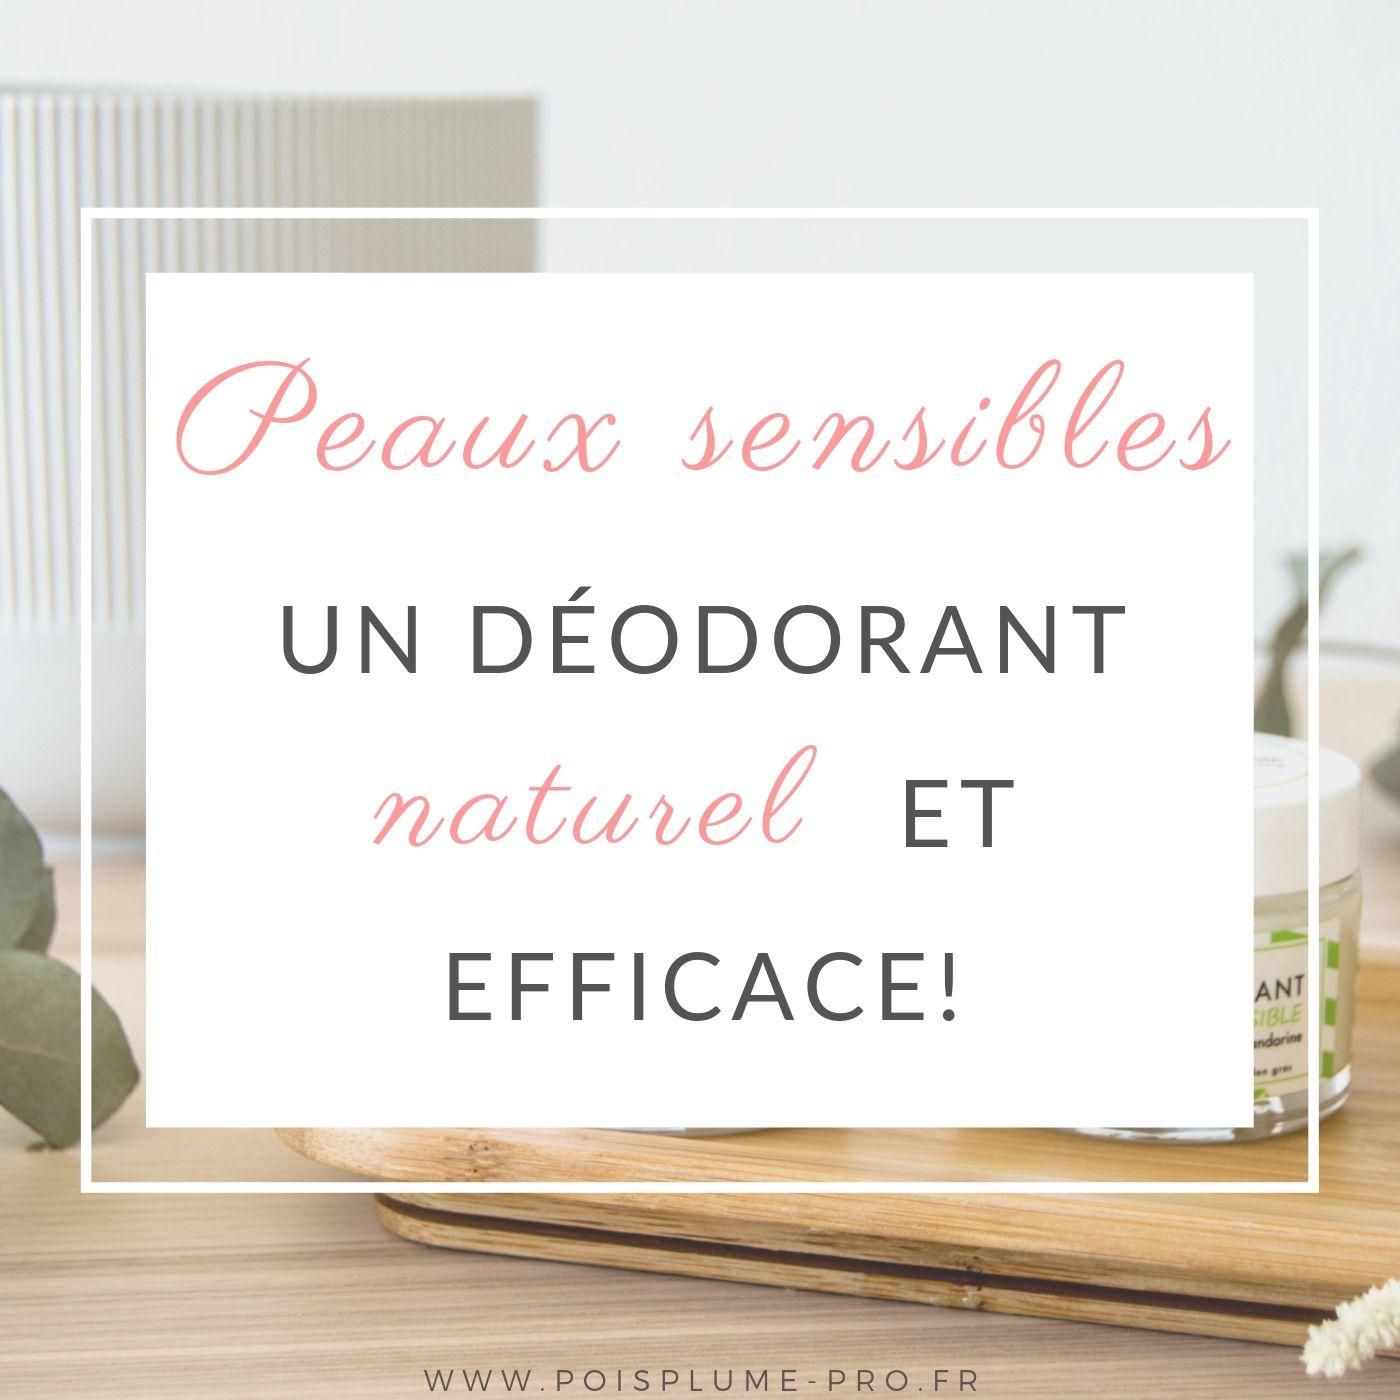 déodorant naturel efficace clemence vivien beaute bio vegan peaux sensibles (2)